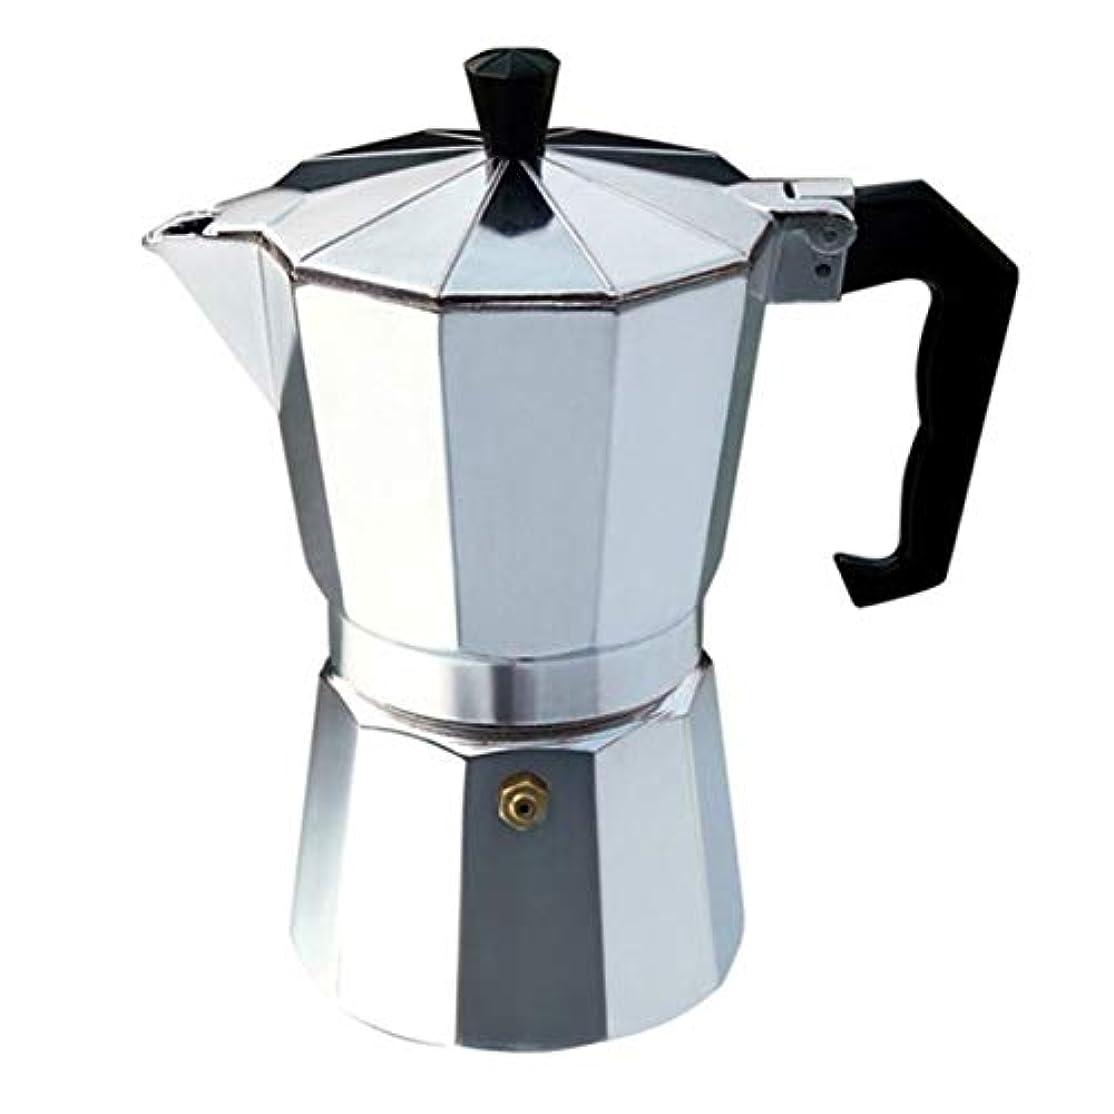 契約談話前提条件Saikogoods ナガXuefeiイタリアコーヒーブラックコーヒーモカコーヒー 実用的なギフト 簡単にクリーンアップするためにアルミ真岡鍋 Octangleコーヒーメーカー 銀 6カップ